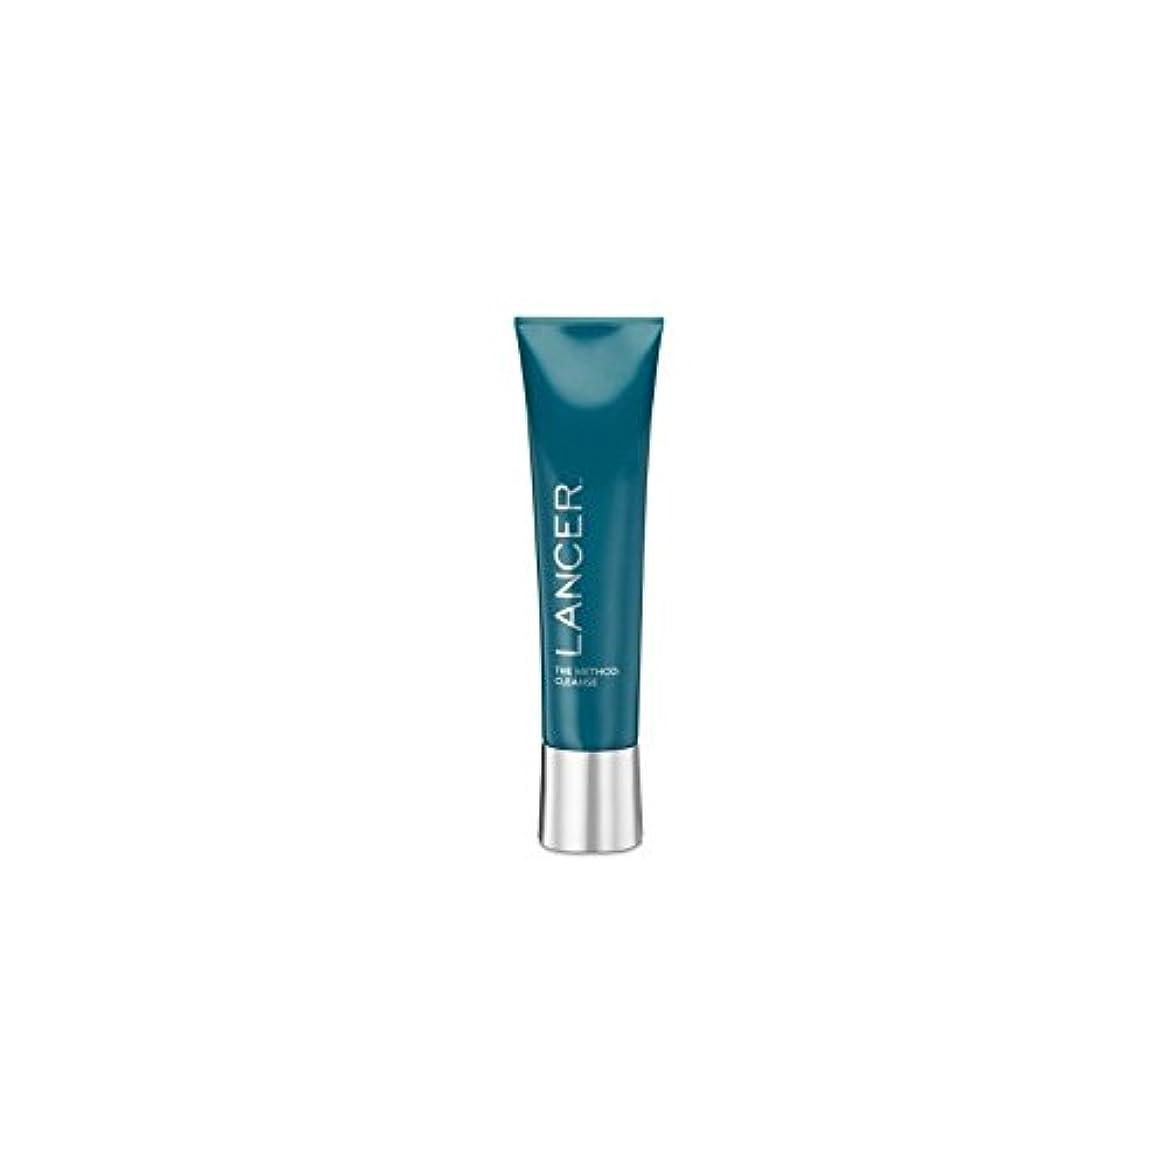 工場開始なにLancer Skincare The Method: Cleanser (120ml) - クレンザー(120ミリリットル):ランサーは、メソッドをスキンケア [並行輸入品]